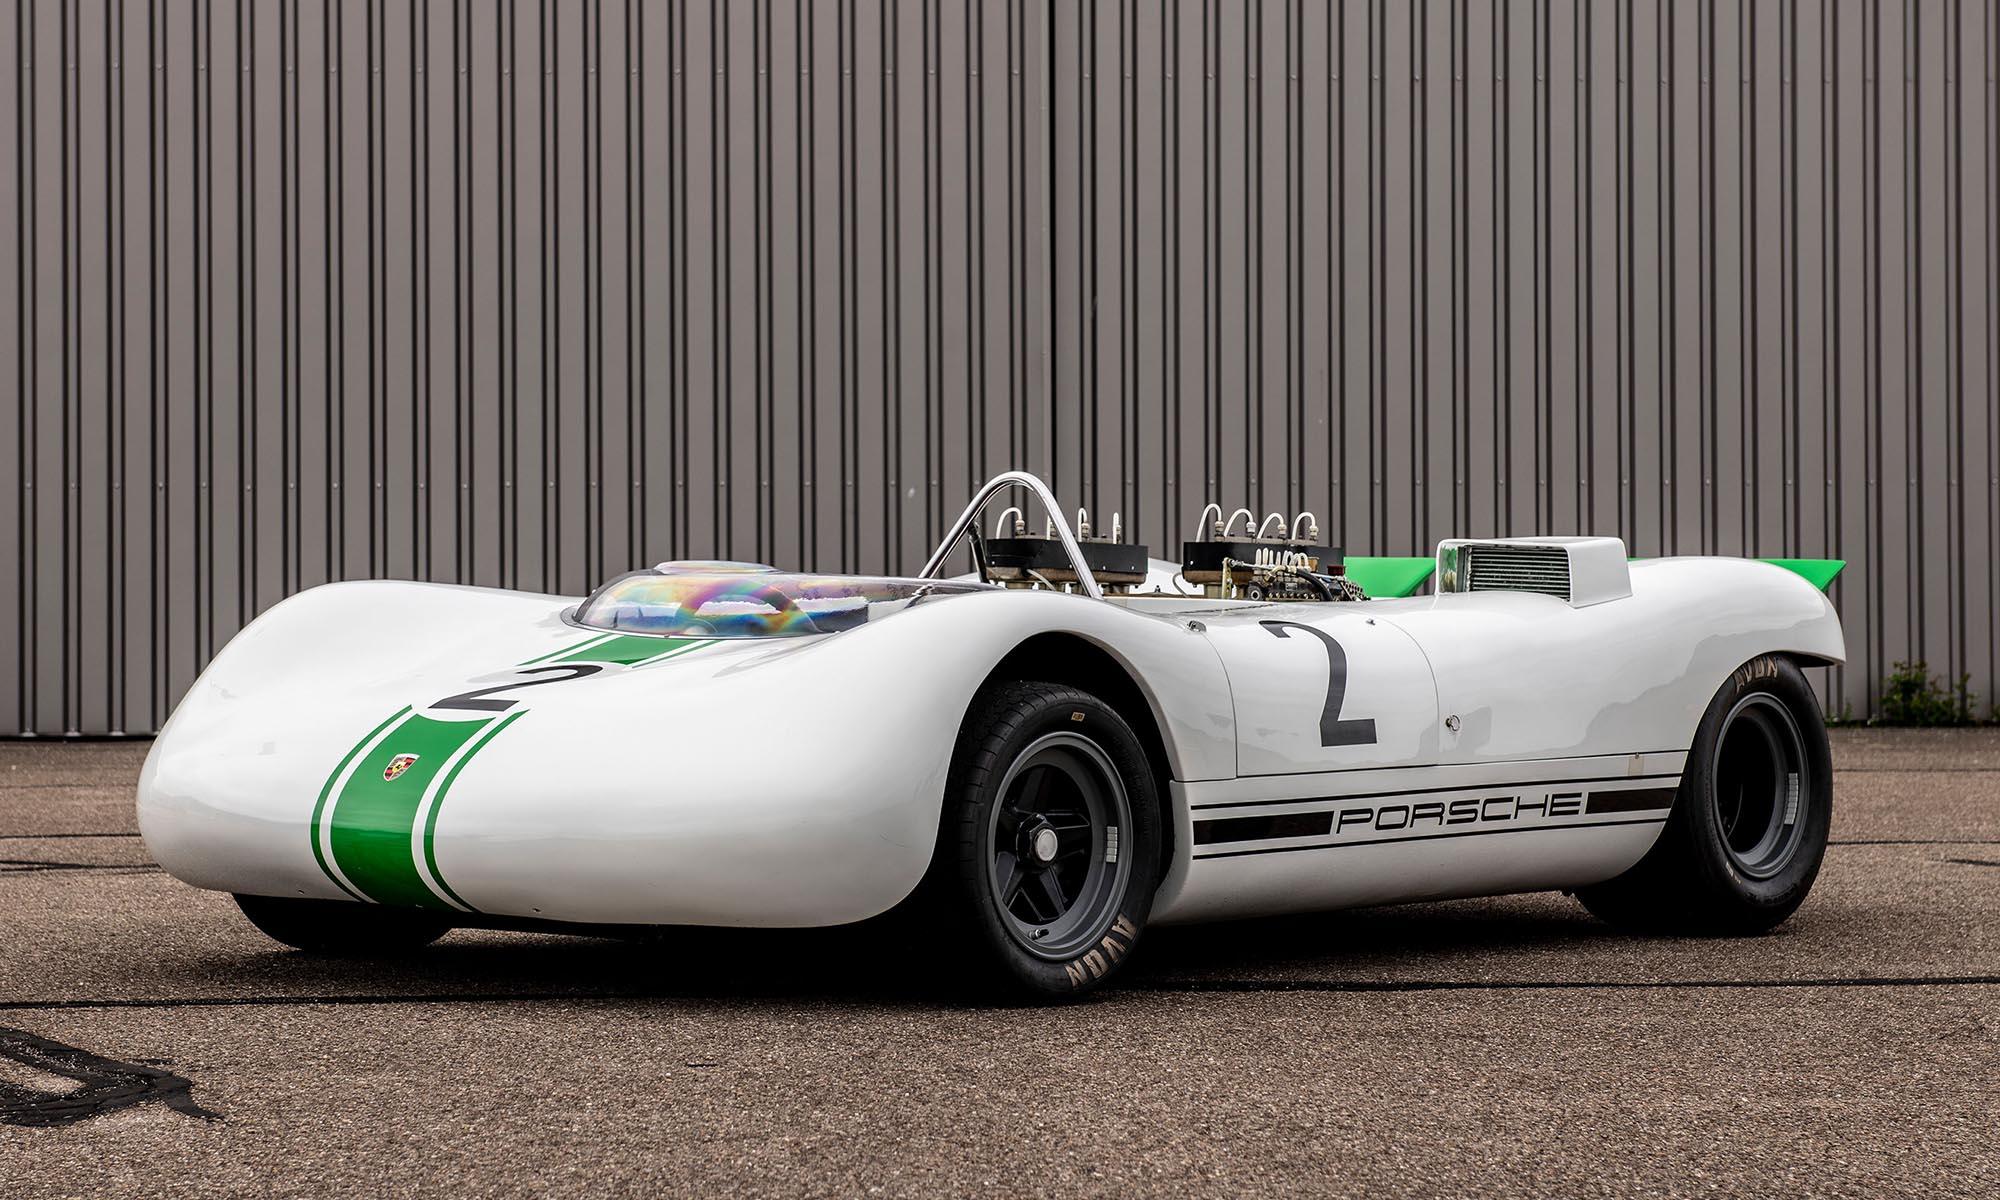 Az együléses Porsche Boxster, ami végül nem vált valóra